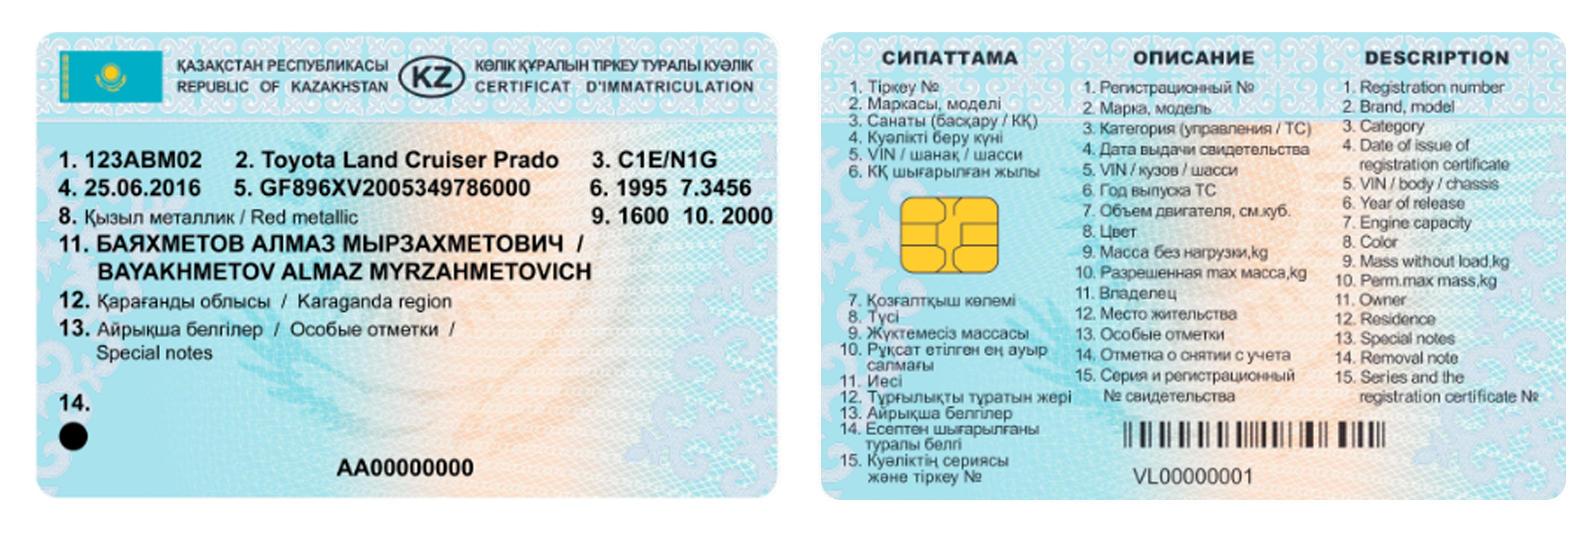 Новые права и СРТС начнут выдавать в Казахстане с 15 ноября